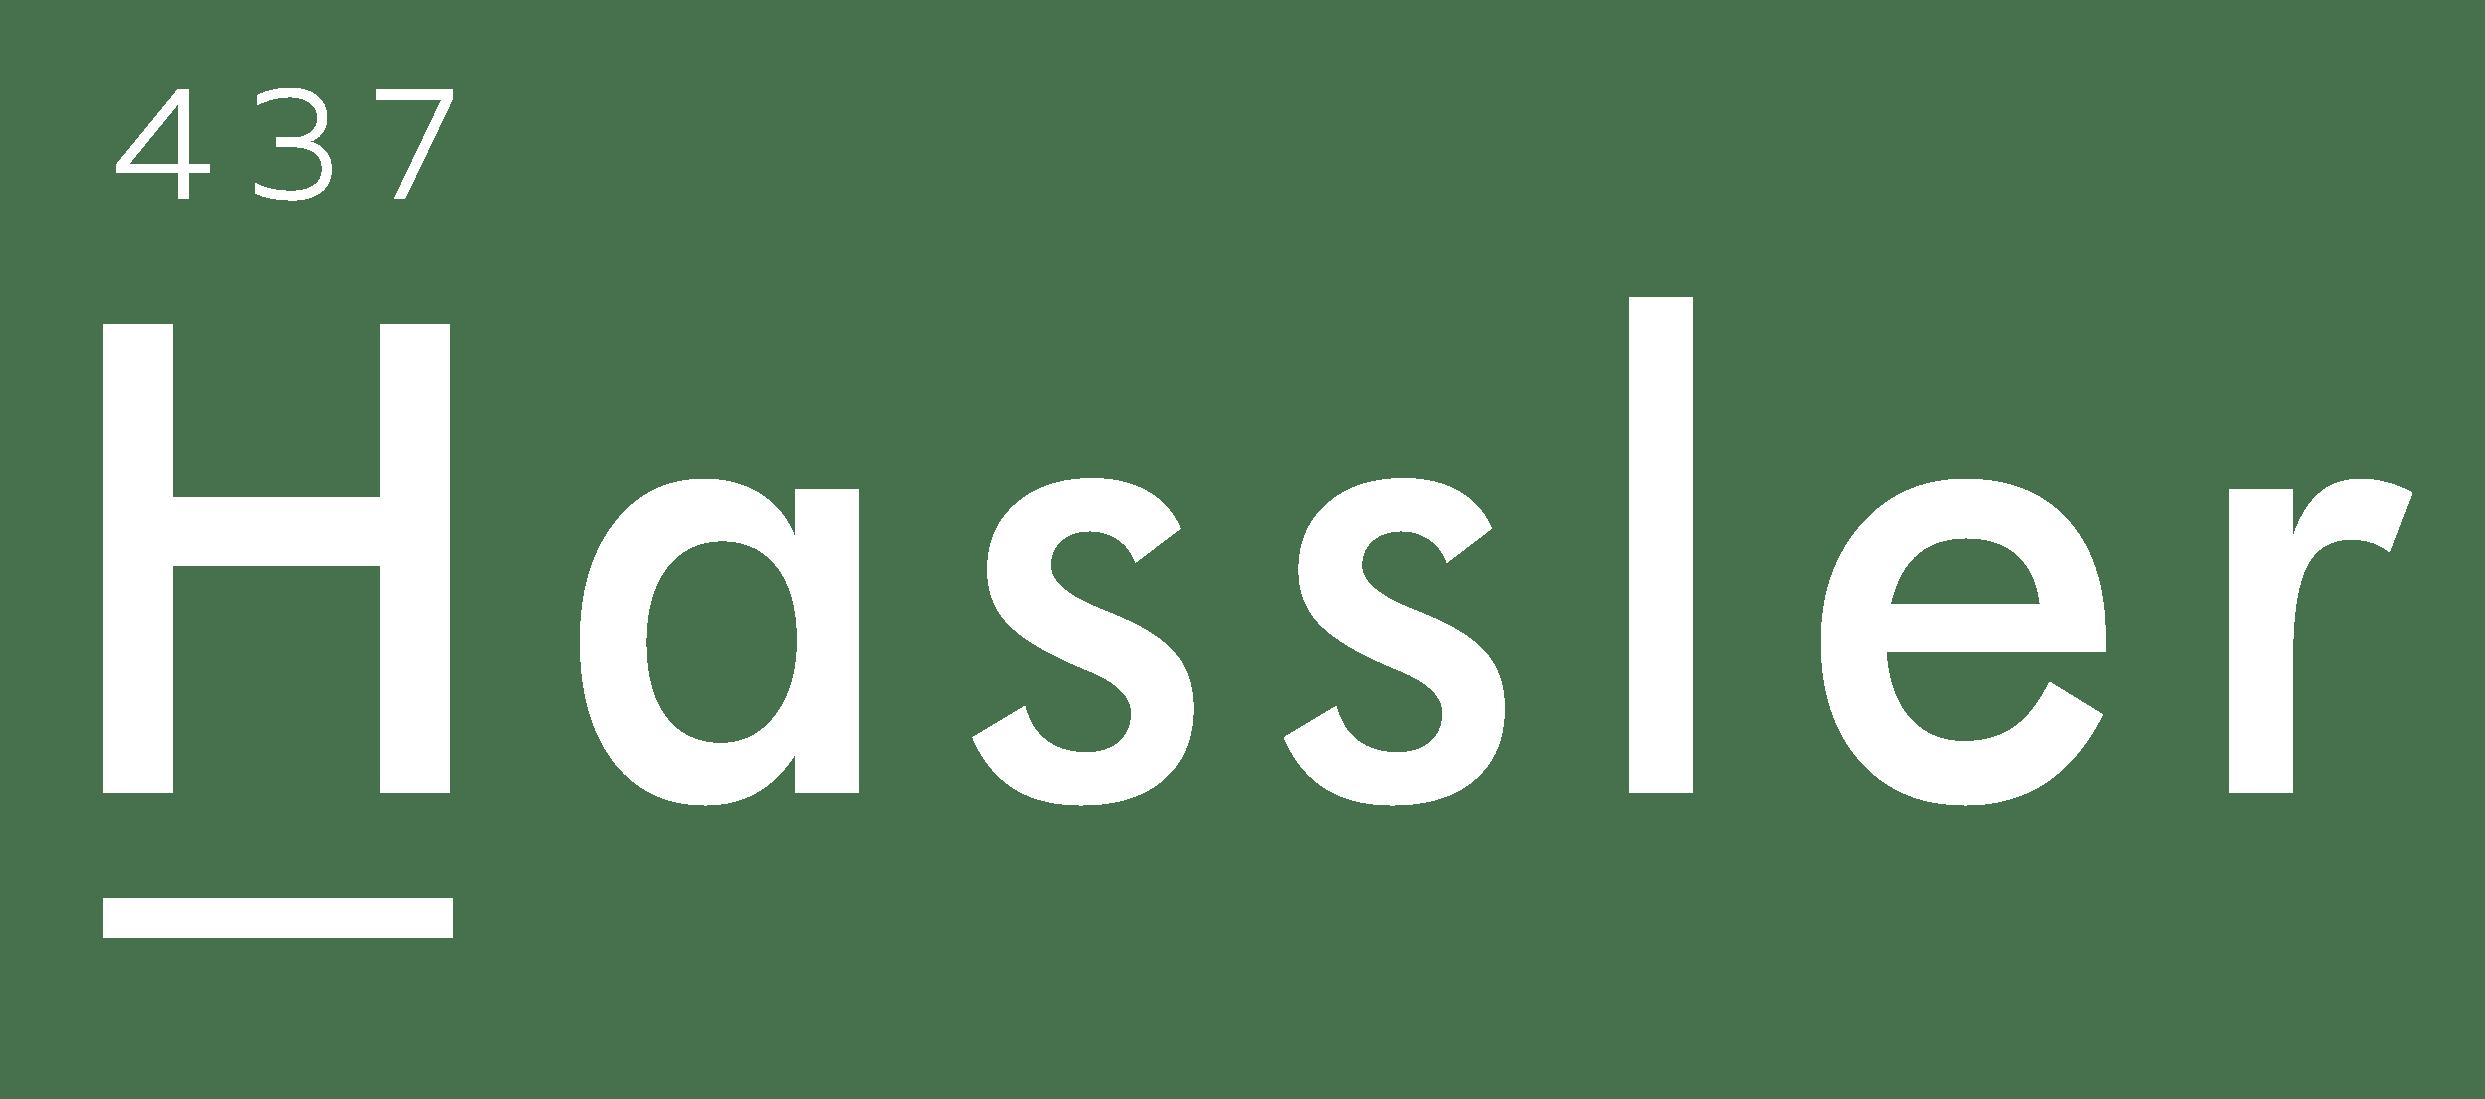 Hassler